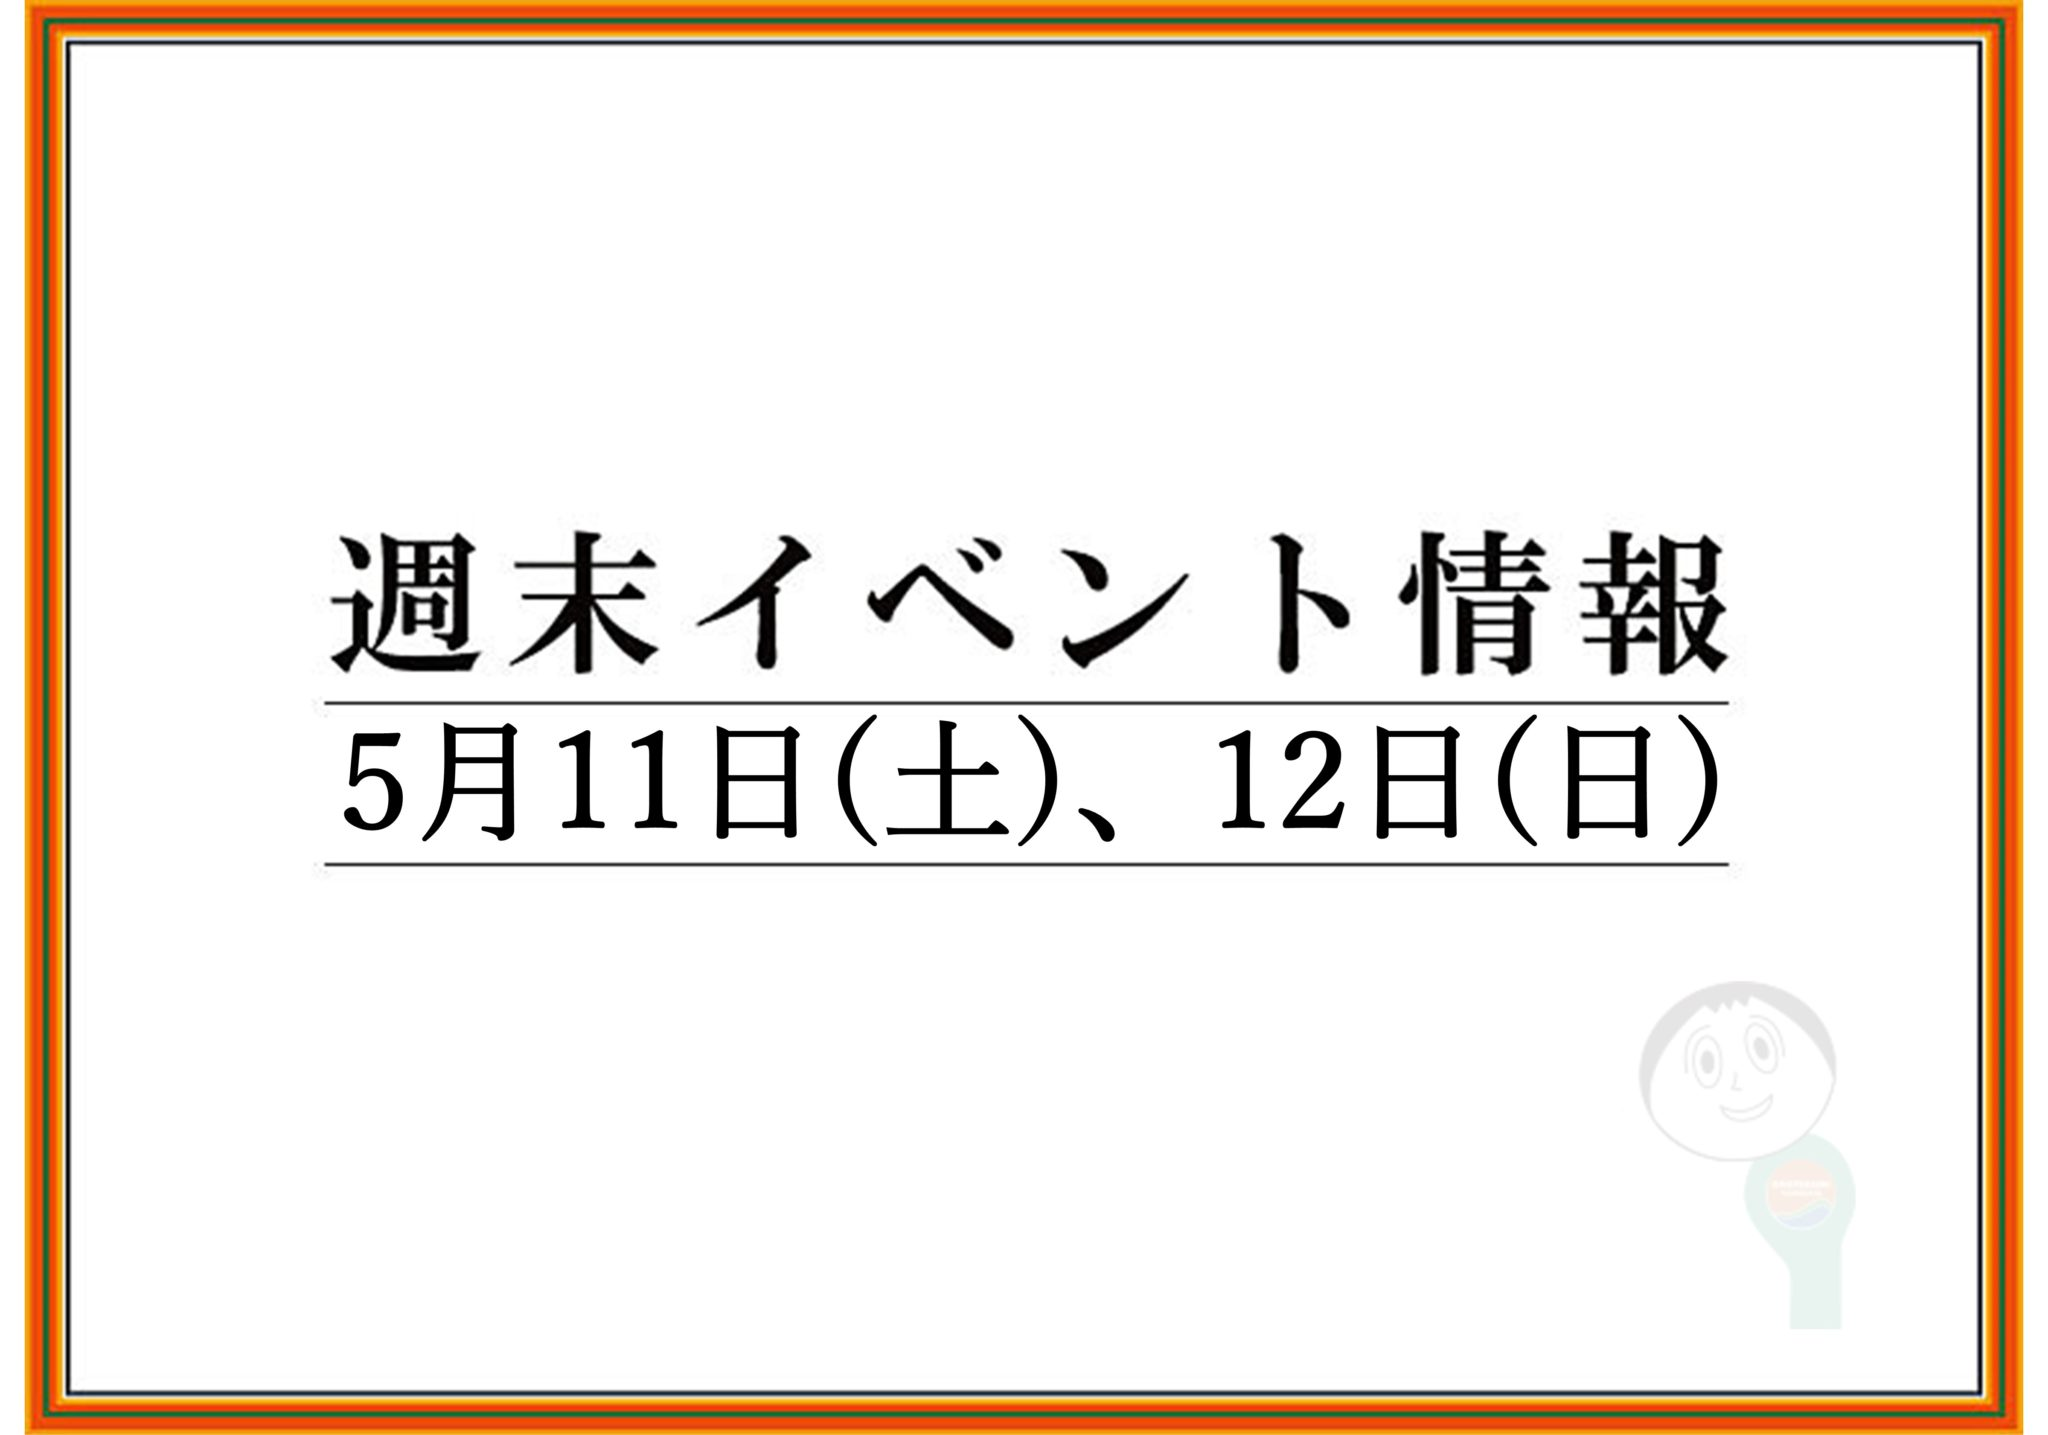 山形市周辺の週末イベント情報 5月11日(土),12日(日)